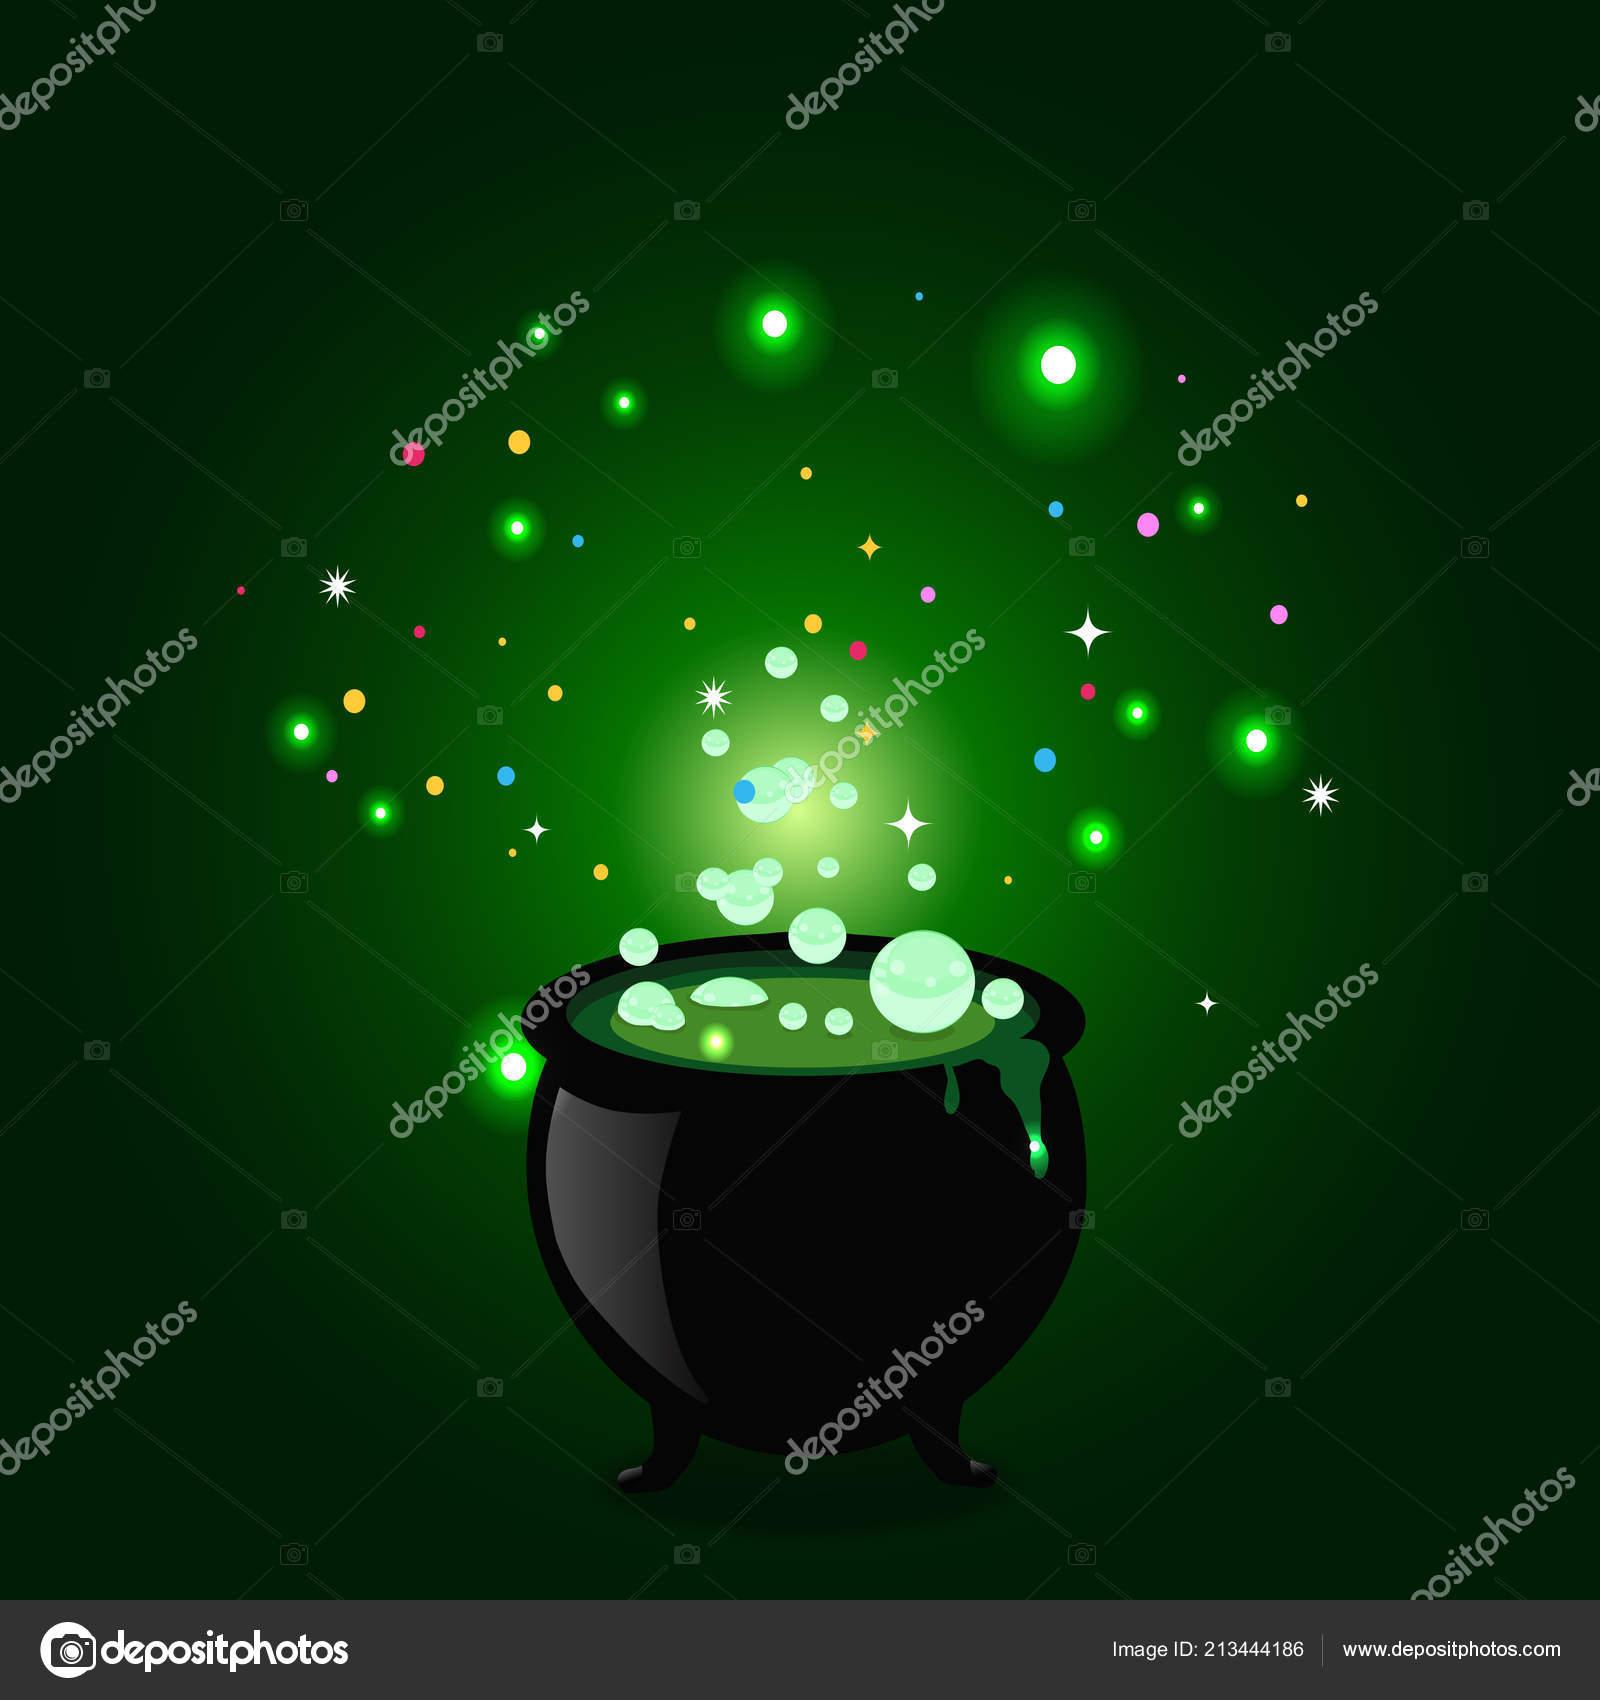 Nationalisme ou Mondialisme, l'enjeu du 3ème Millénaire Depositphotos_213444186-stock-illustration-black-witch-pot-cauldron-boiling